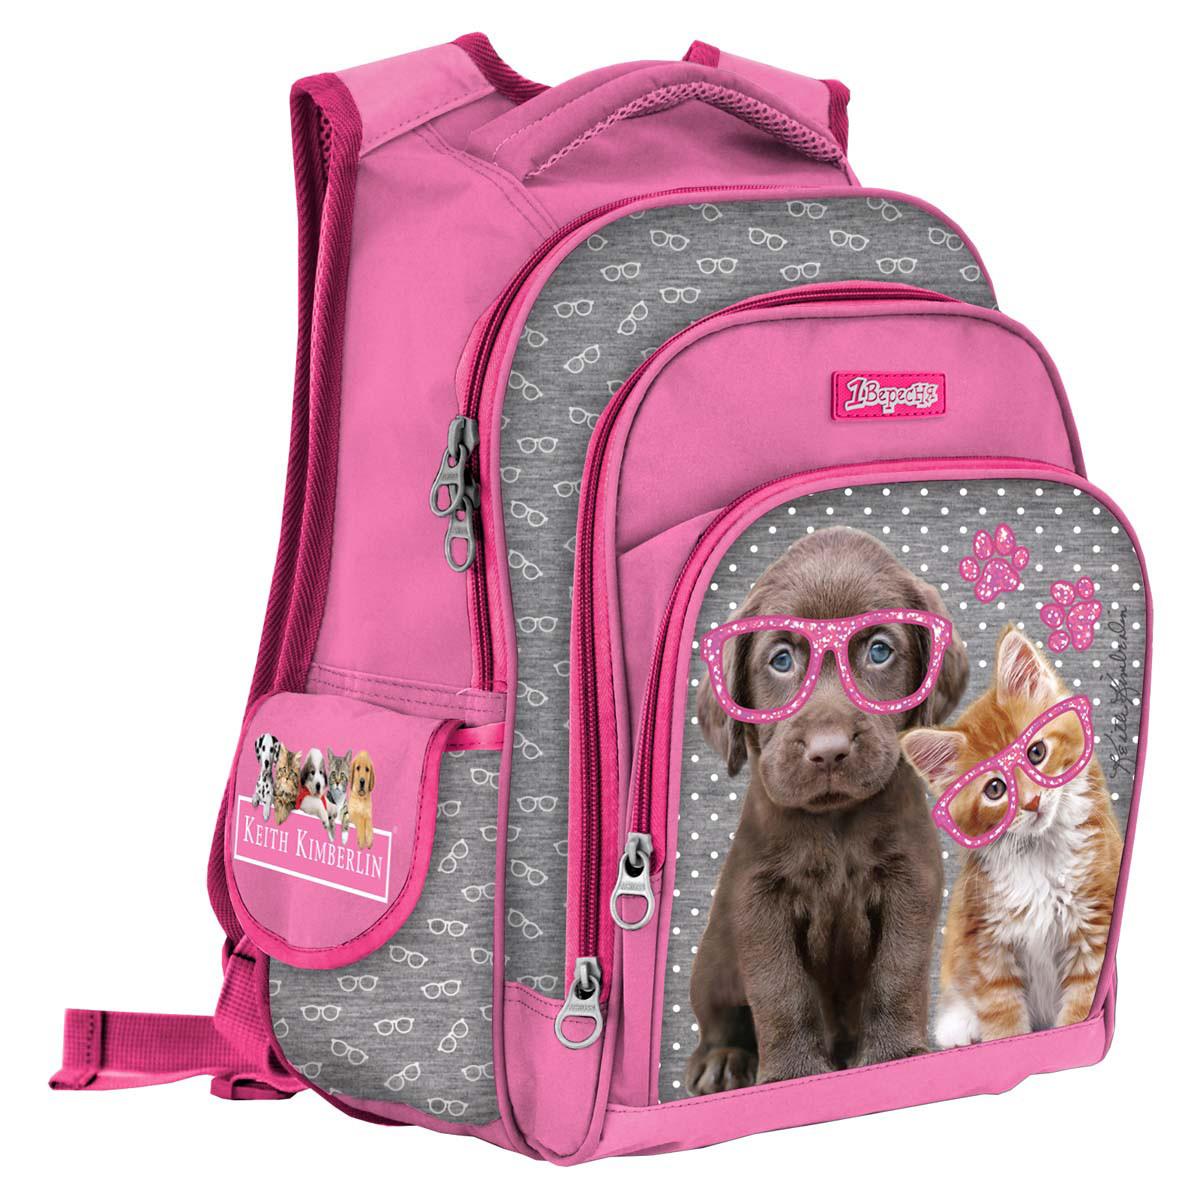 Школьный ортопедический рюкзак для девочки 1Вересня S-43 Keit Kimberlin 39х29х16см Розовый (558225)+Подарок 3 месяца пользования приложением